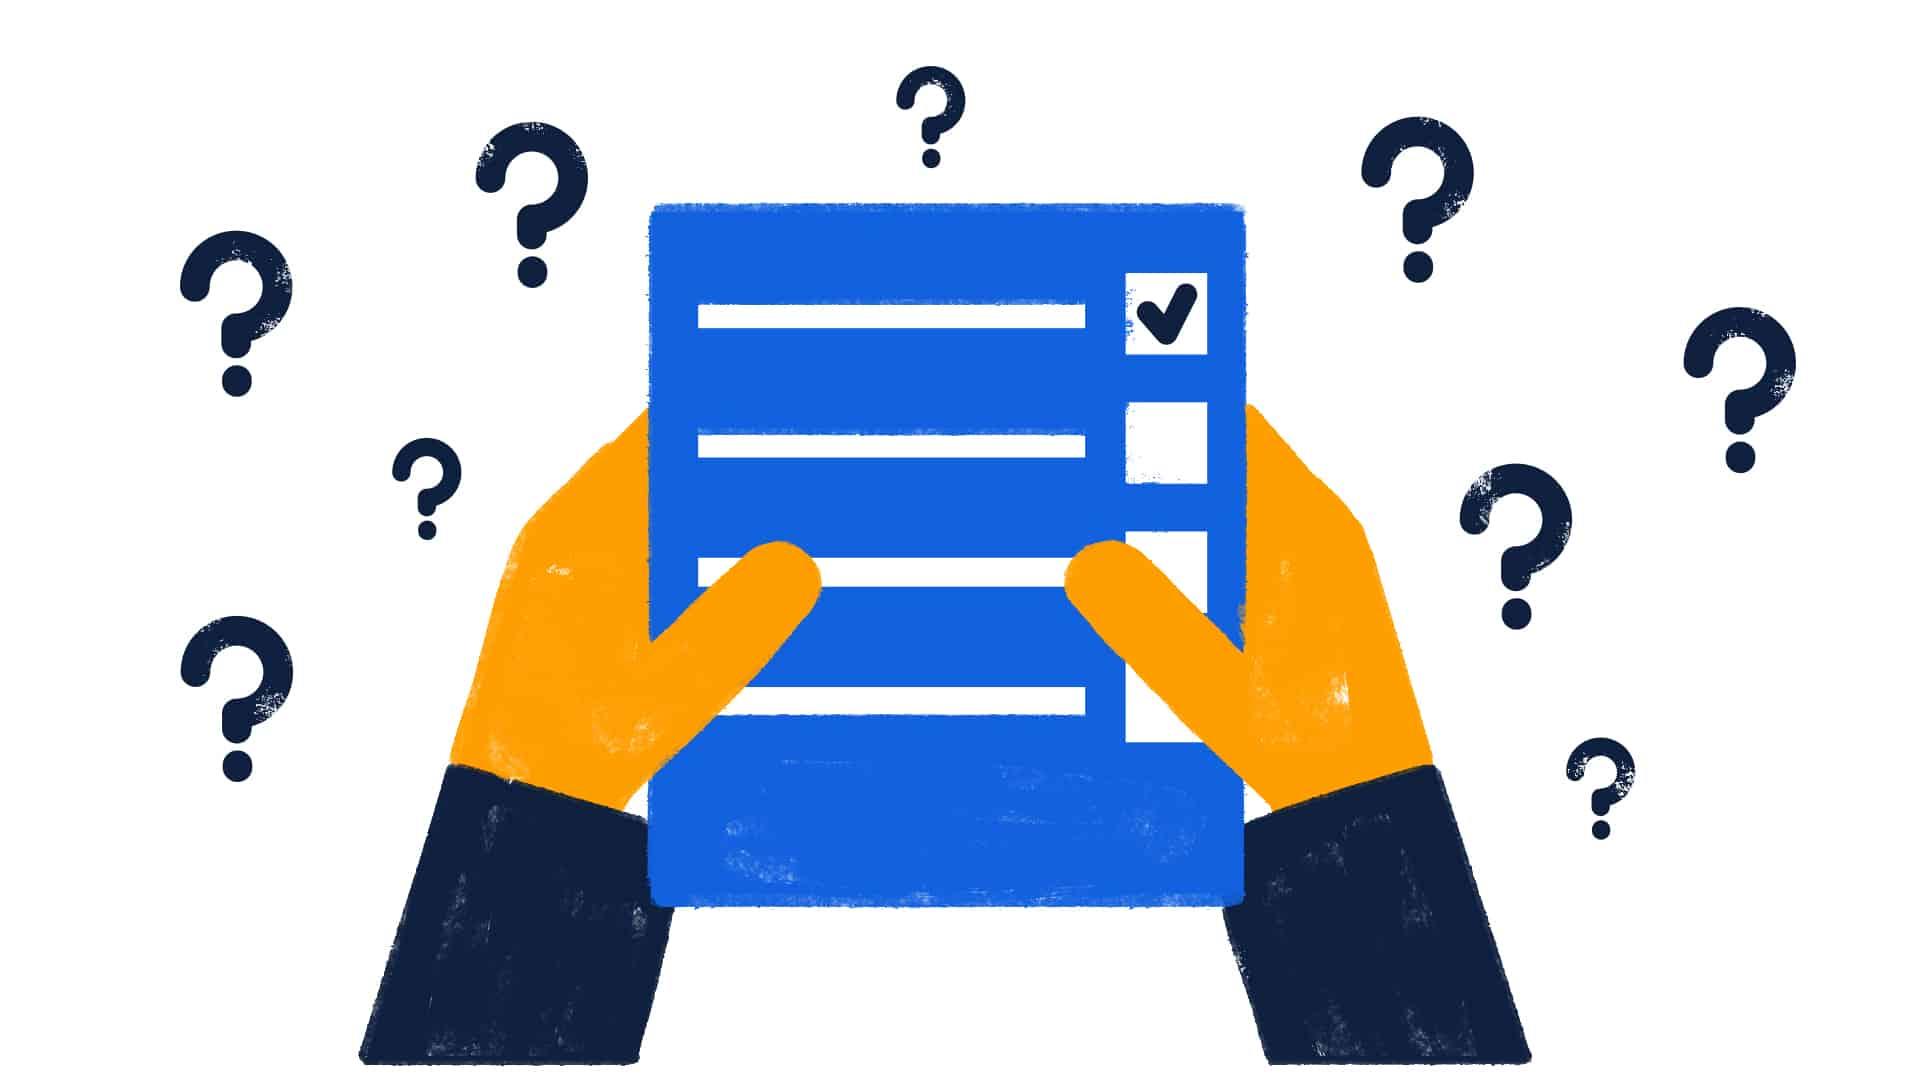 都说设计师要了解用户,那么你要选哪种用研方法?